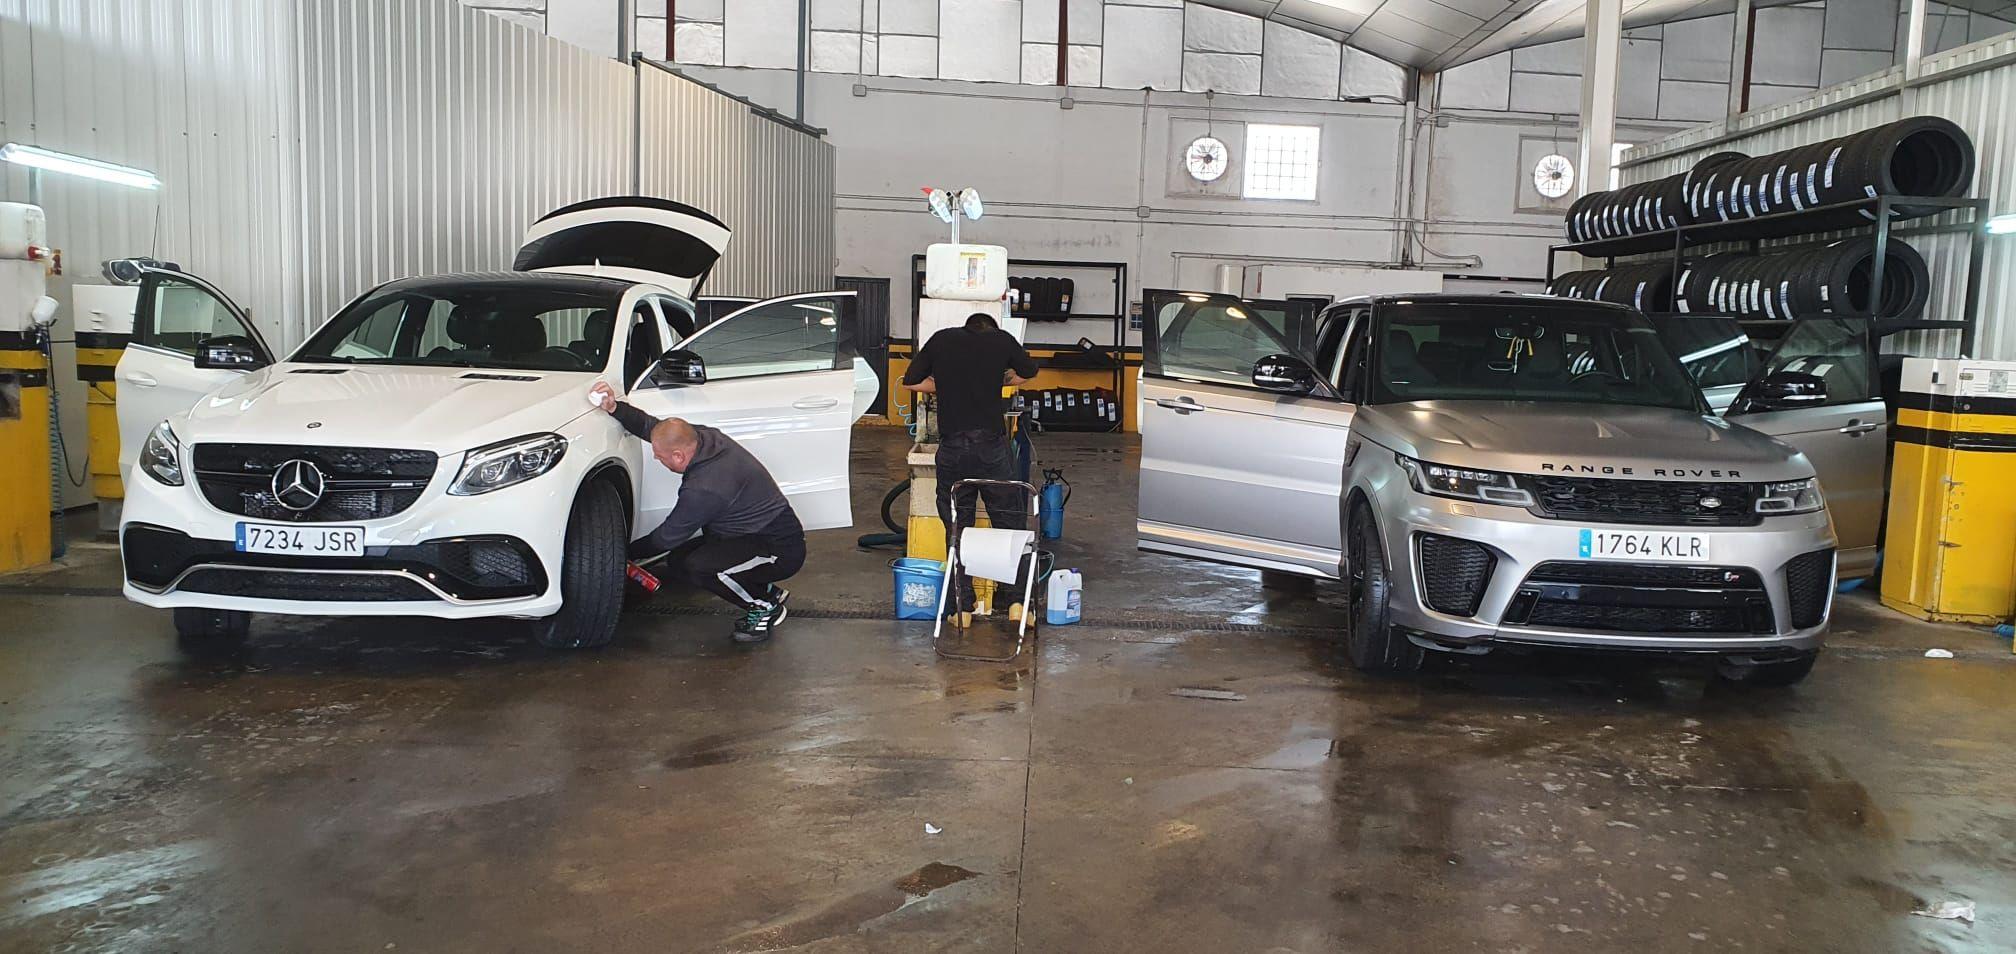 Limpieza integral de vehículos en Beniparrell